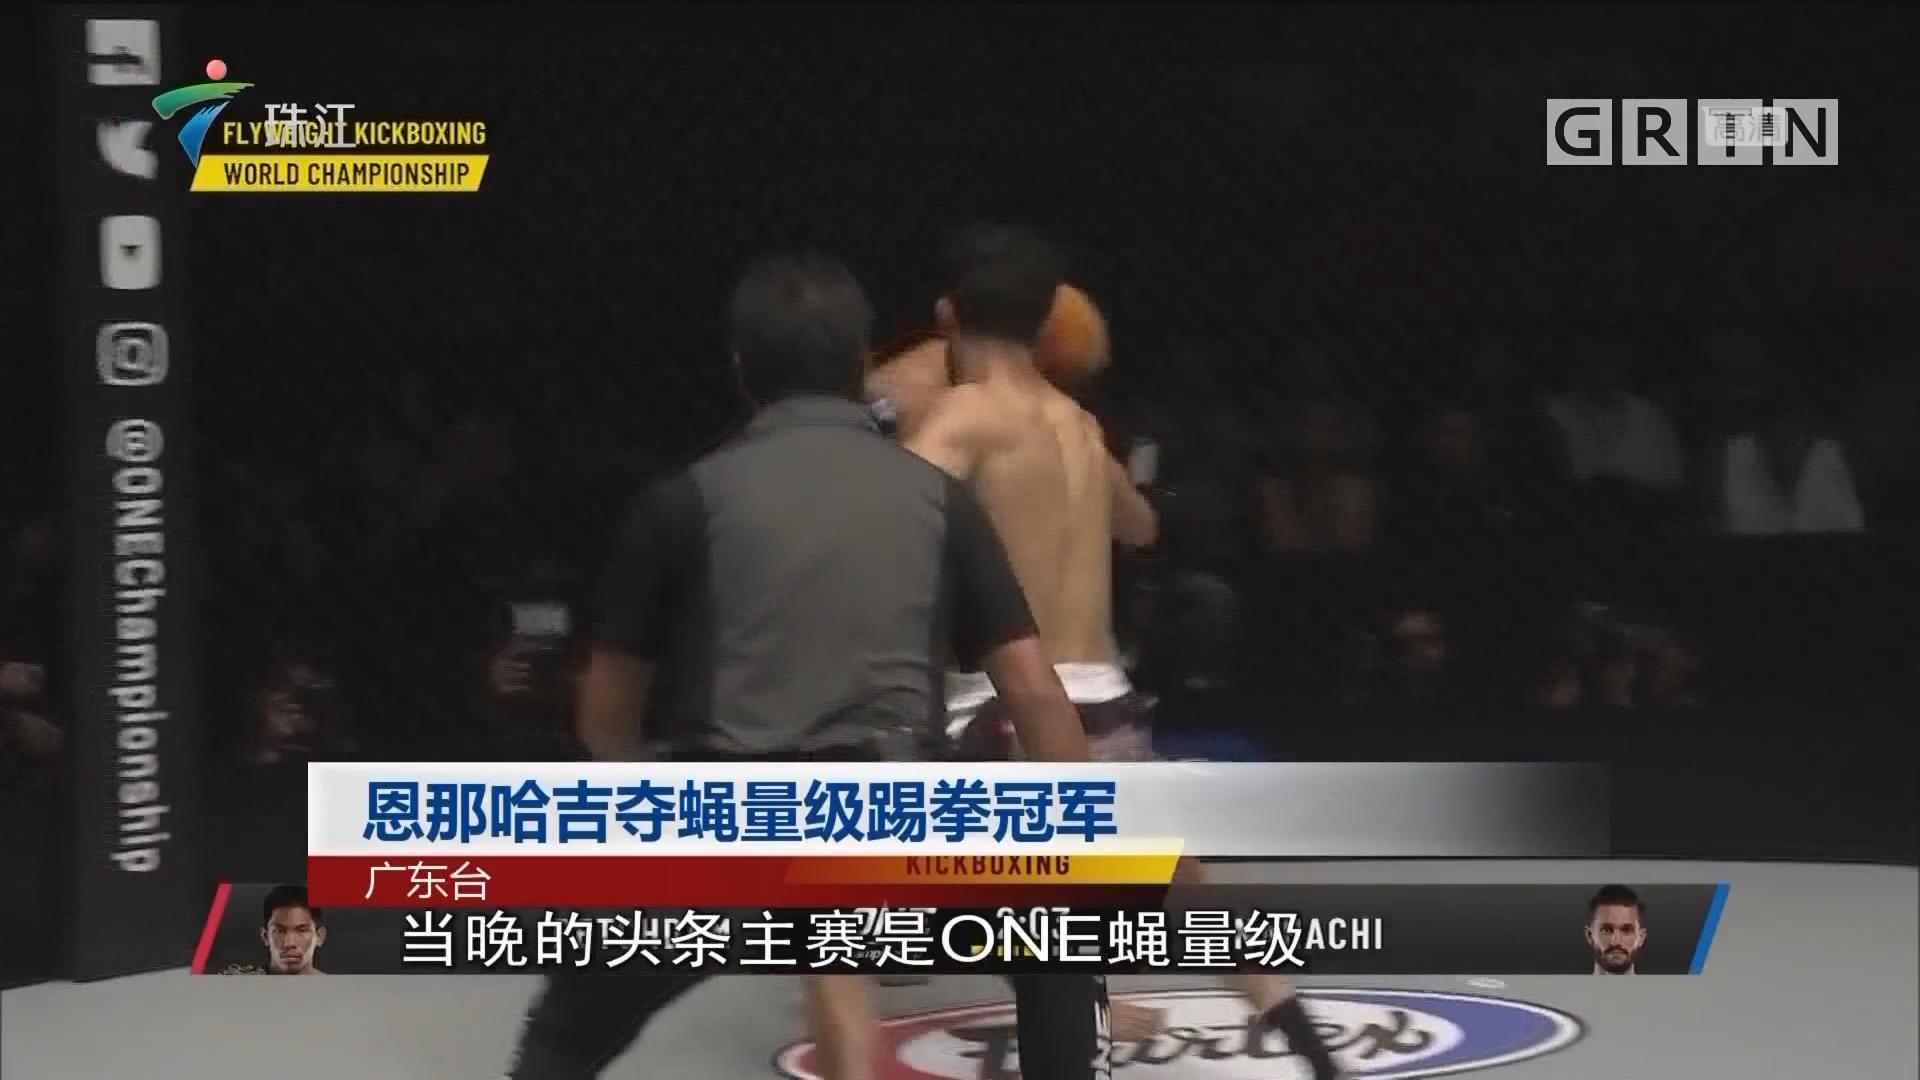 恩那哈吉夺蝇量级踢拳冠军